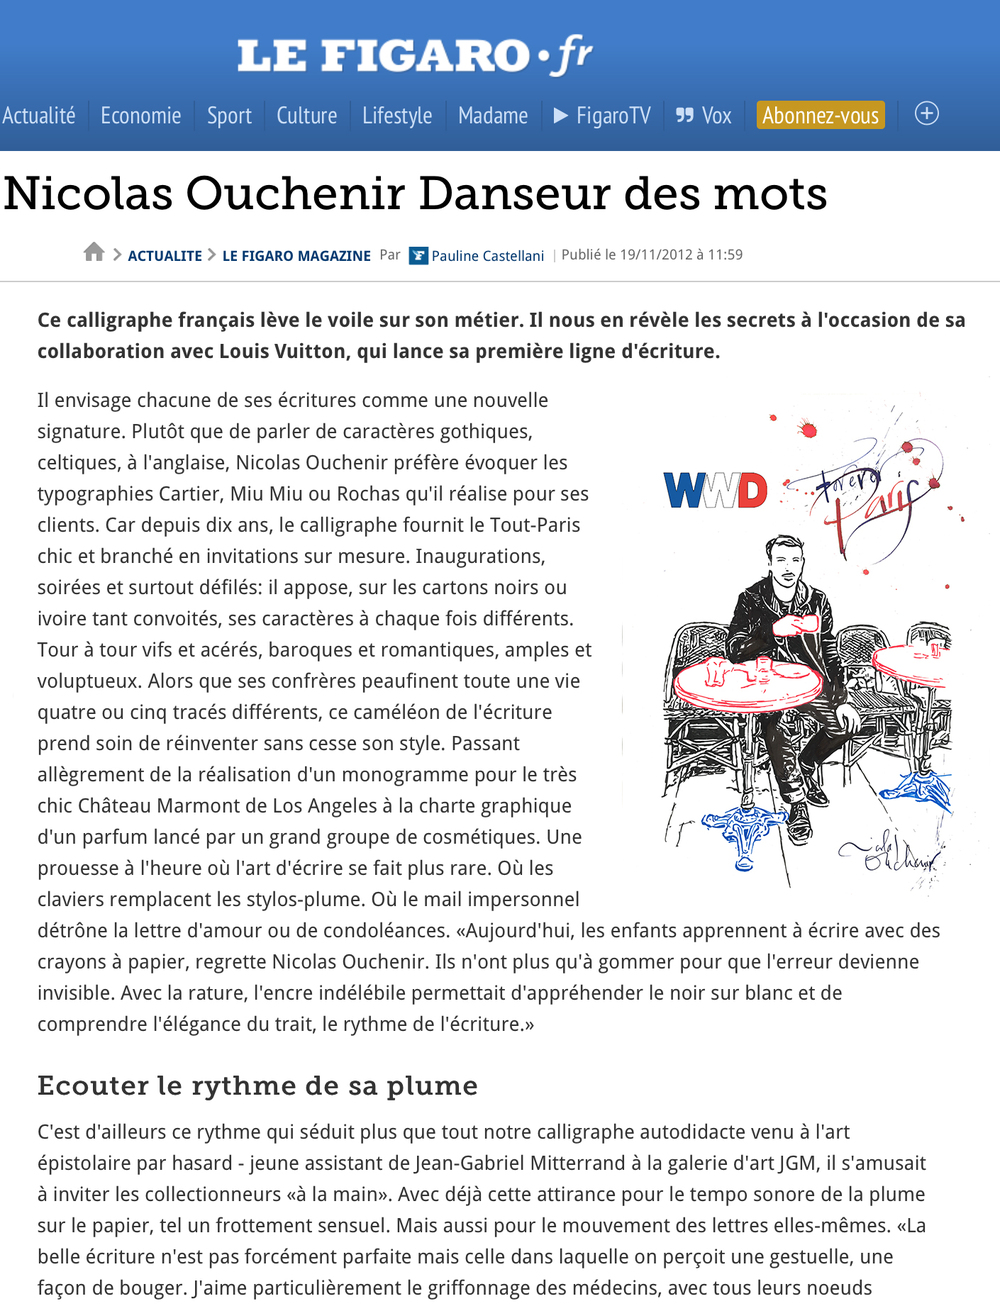 Le Figaro - November 2012